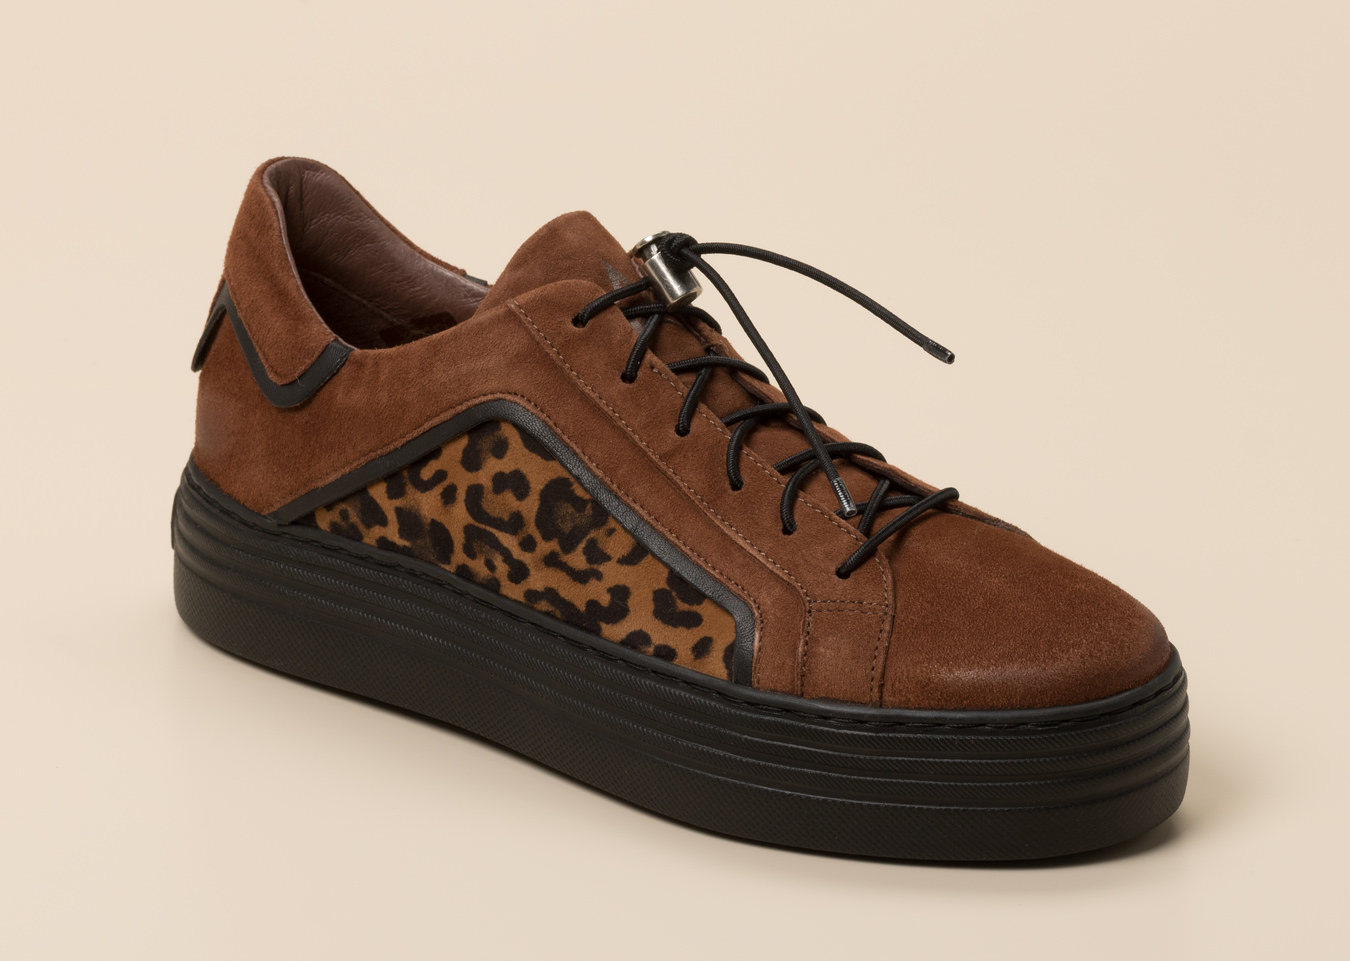 Andrea Sabatini Damen Schuhe kaufen | Zumnorde Onlineshop